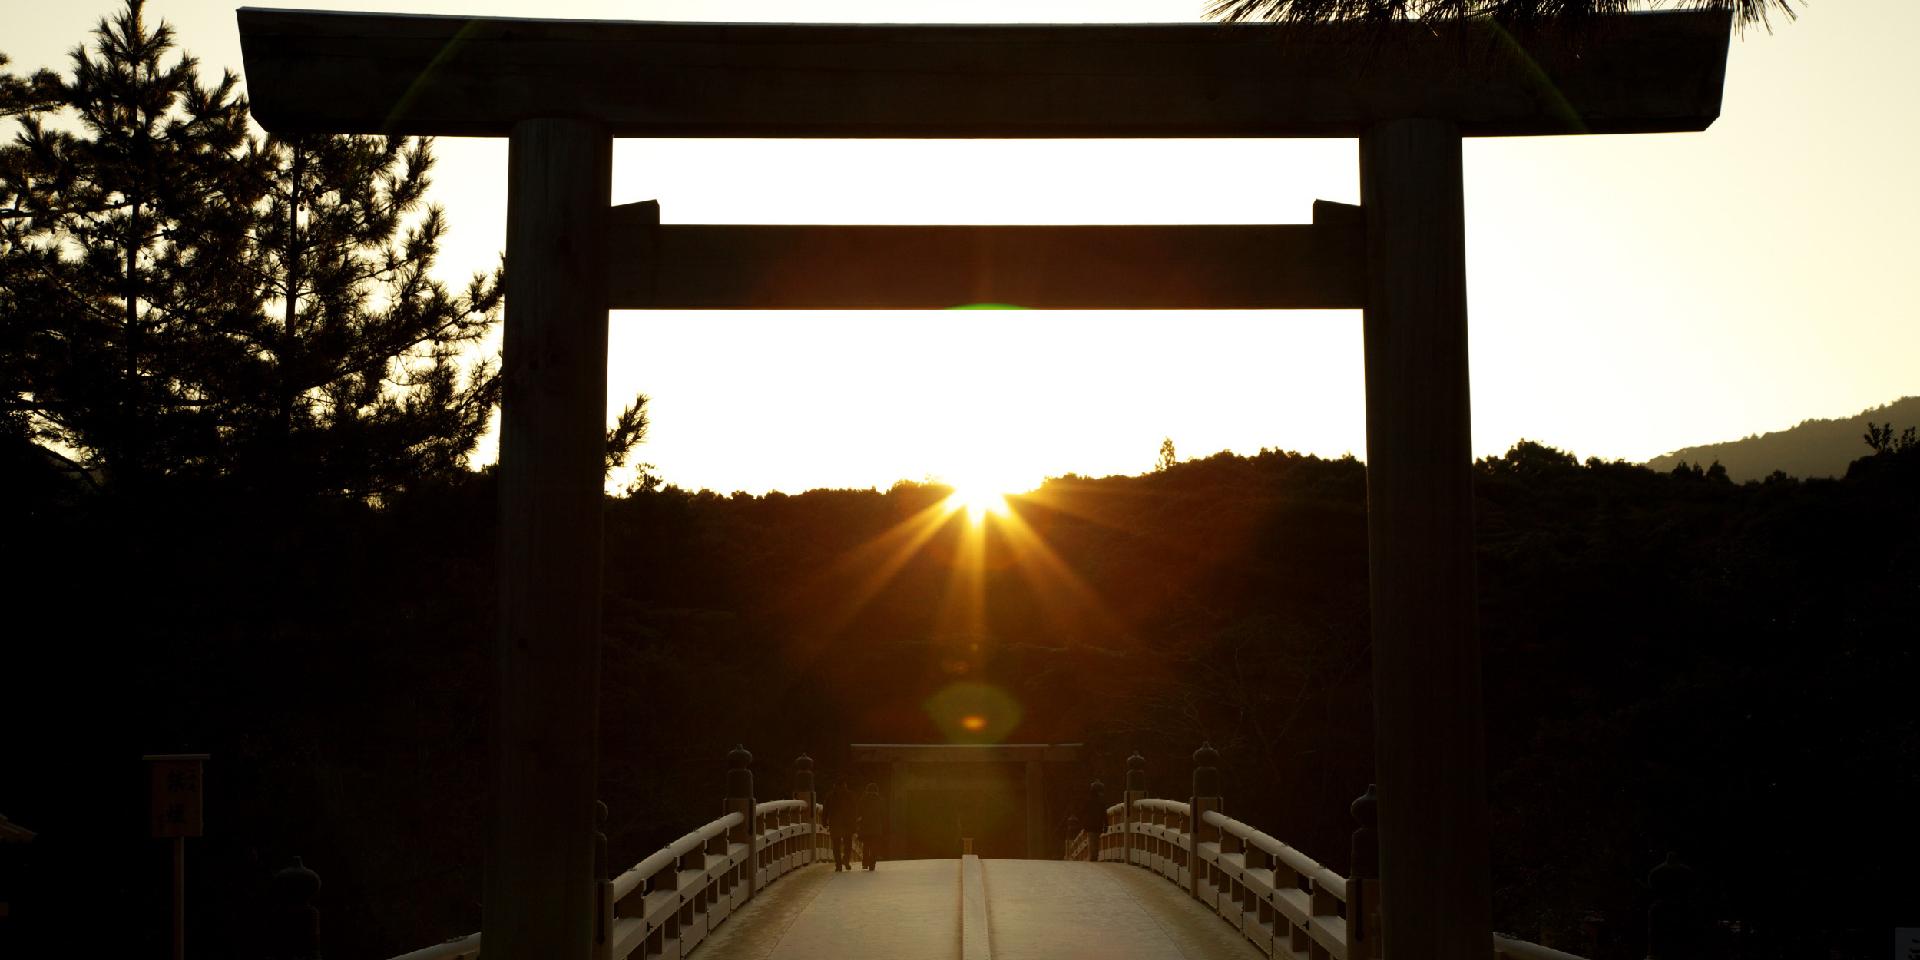 宇治橋 冬至の日の出